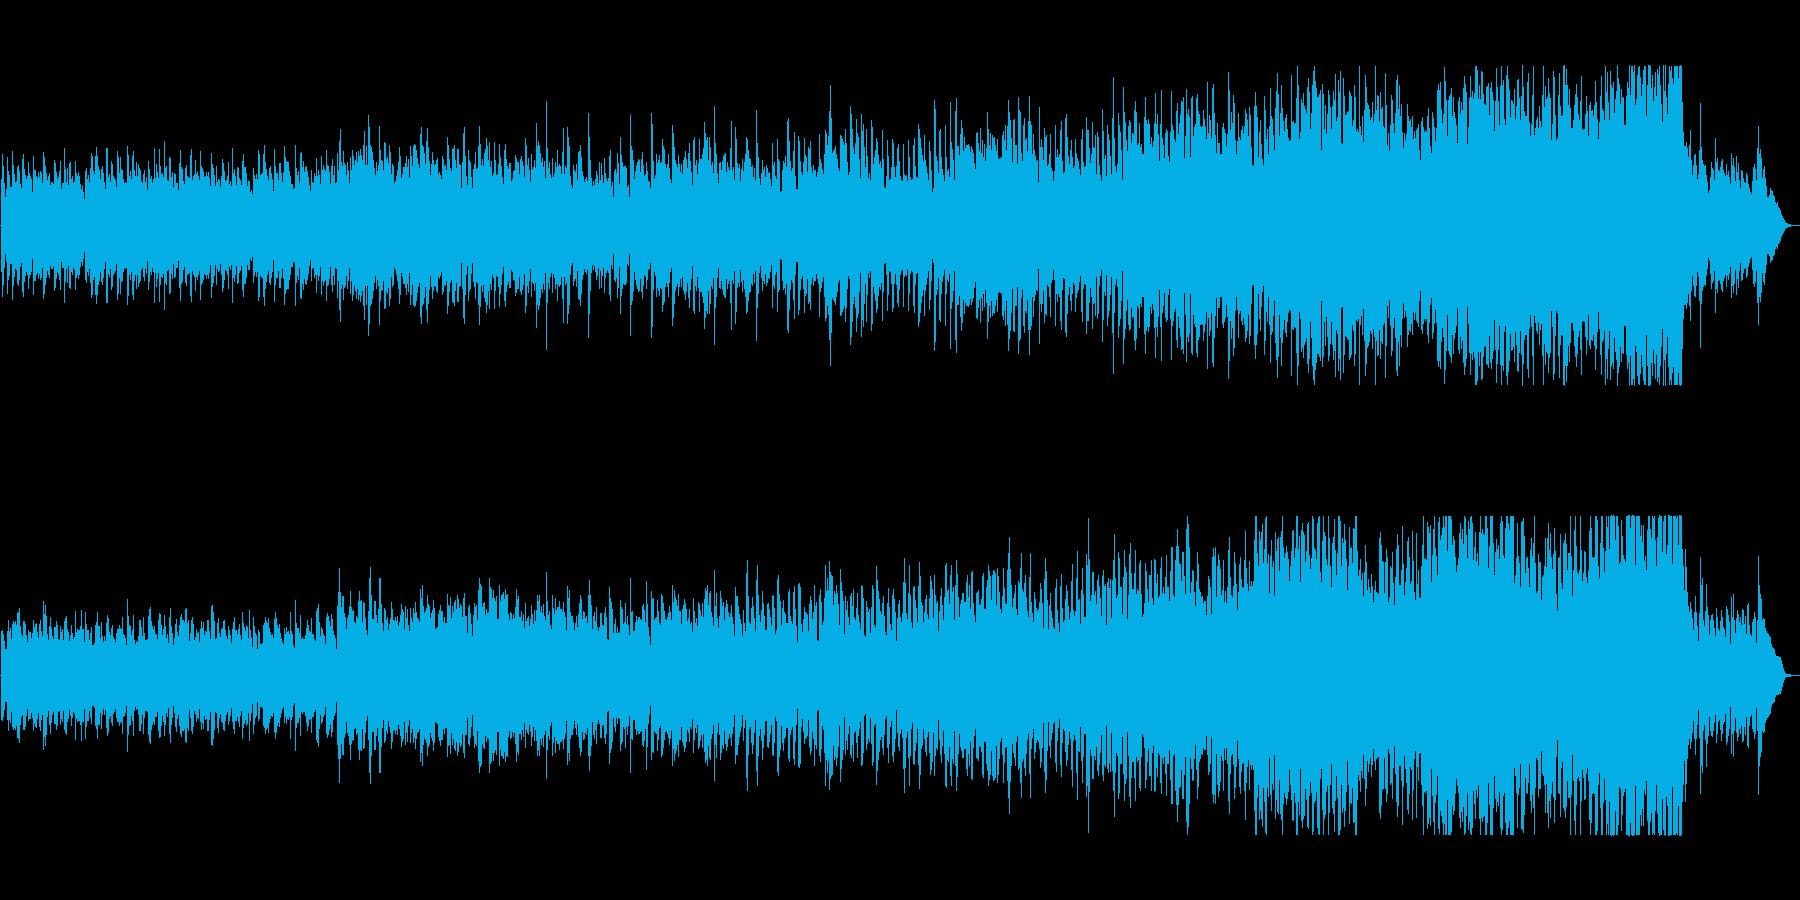 切ない旋律が刺さる感動的なピアノ曲の再生済みの波形